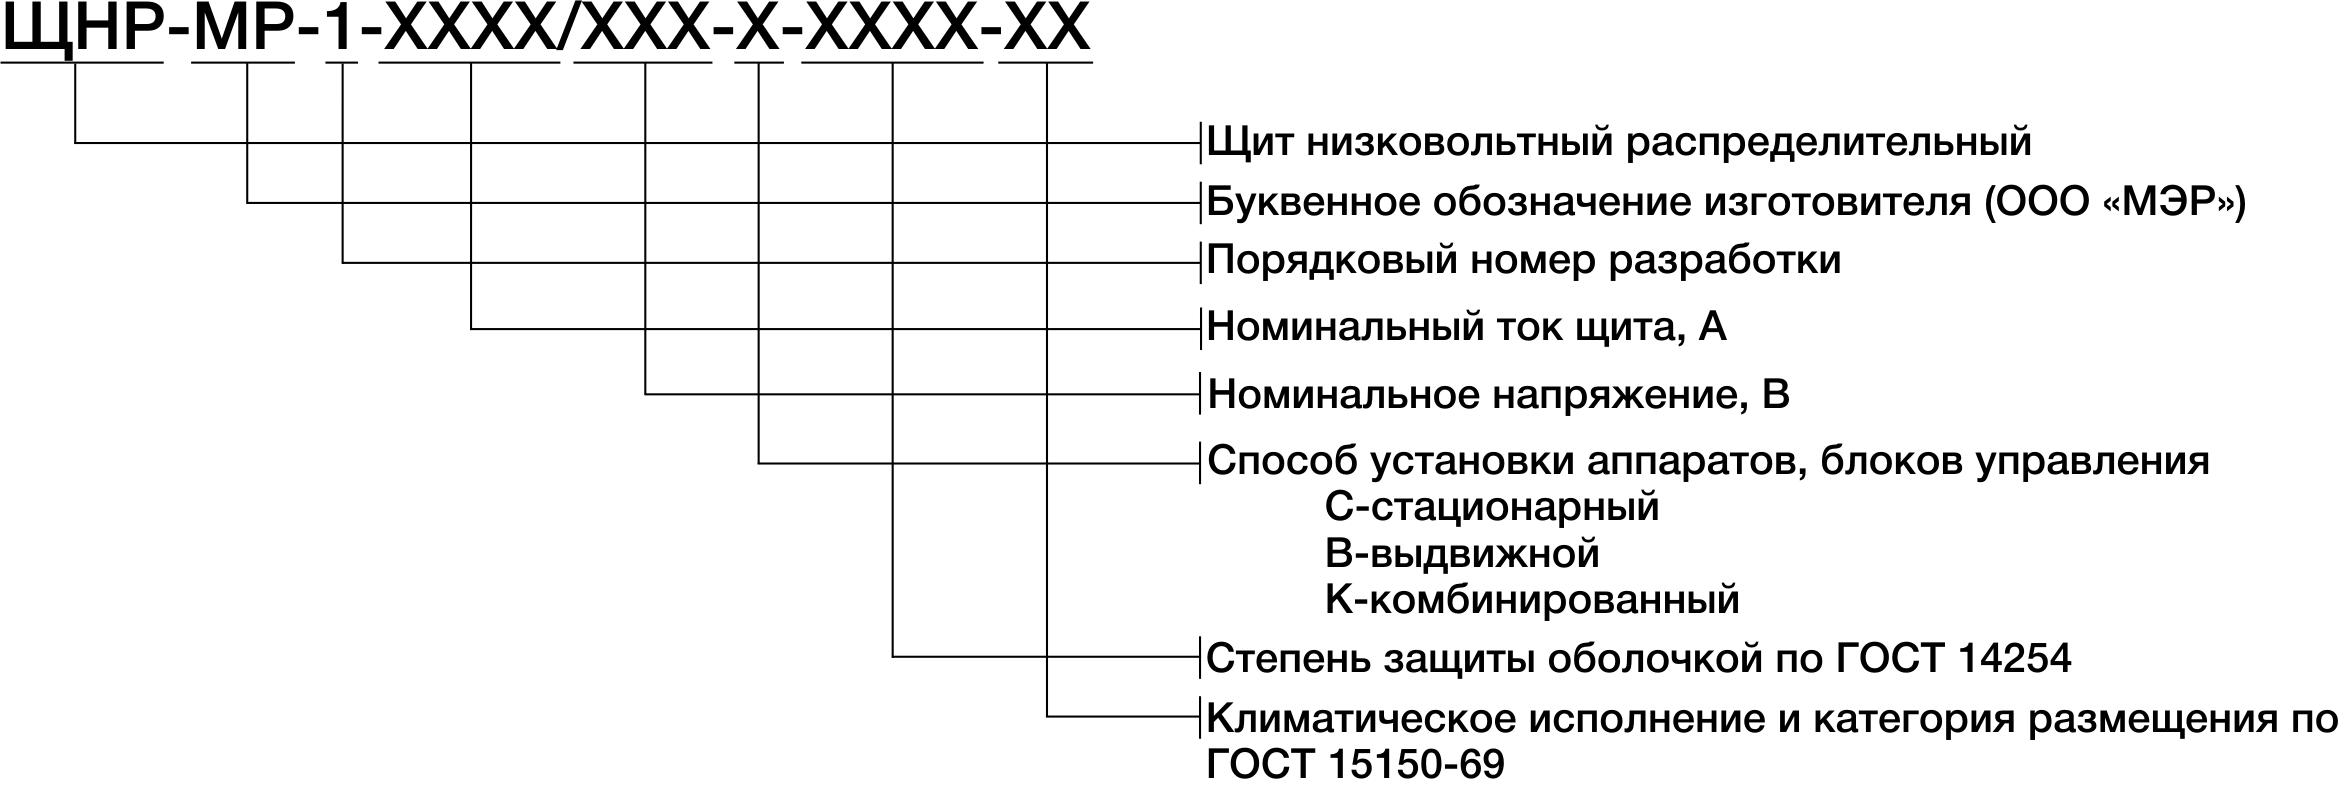 Структура условного обозначения щитов ЩНР-МР